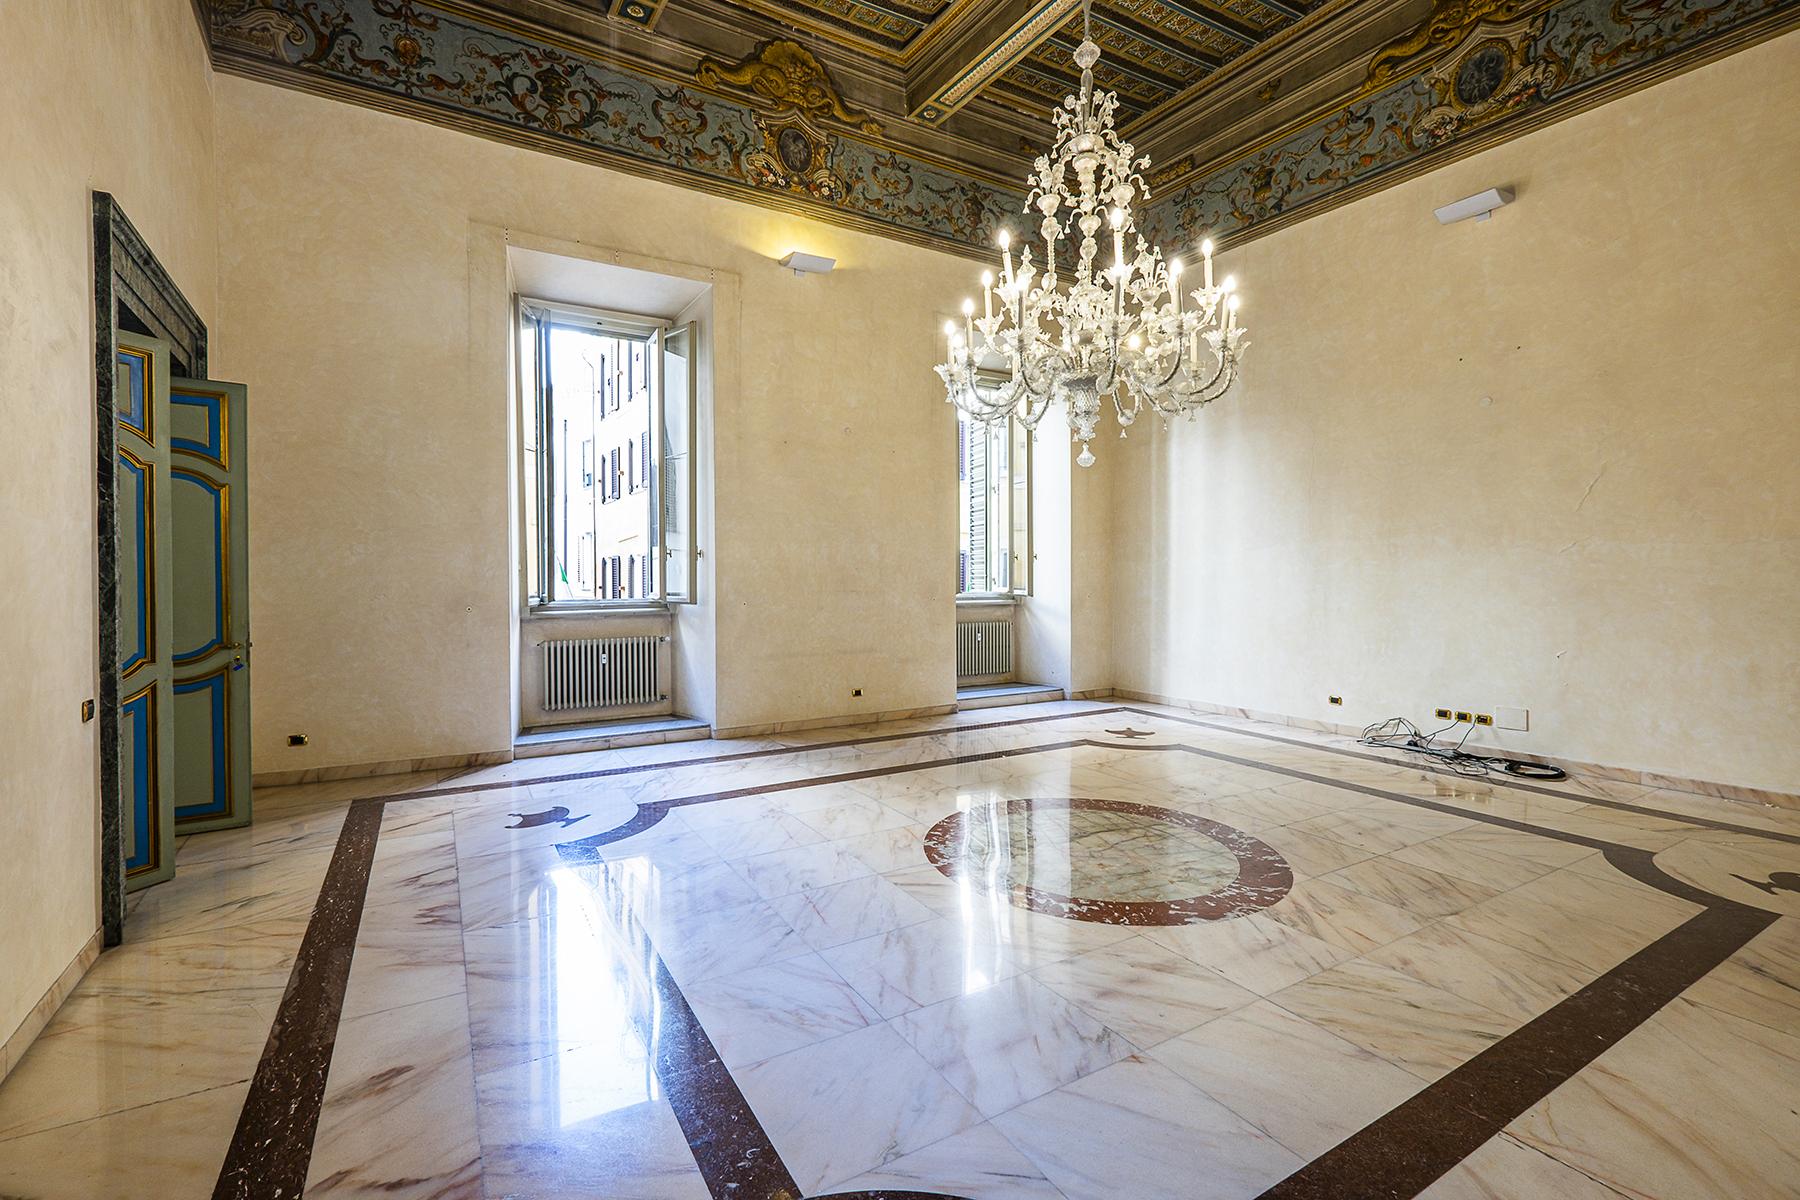 Ufficio studio di lusso in affitto a roma piazza dei santi for Ufficio roma affitto